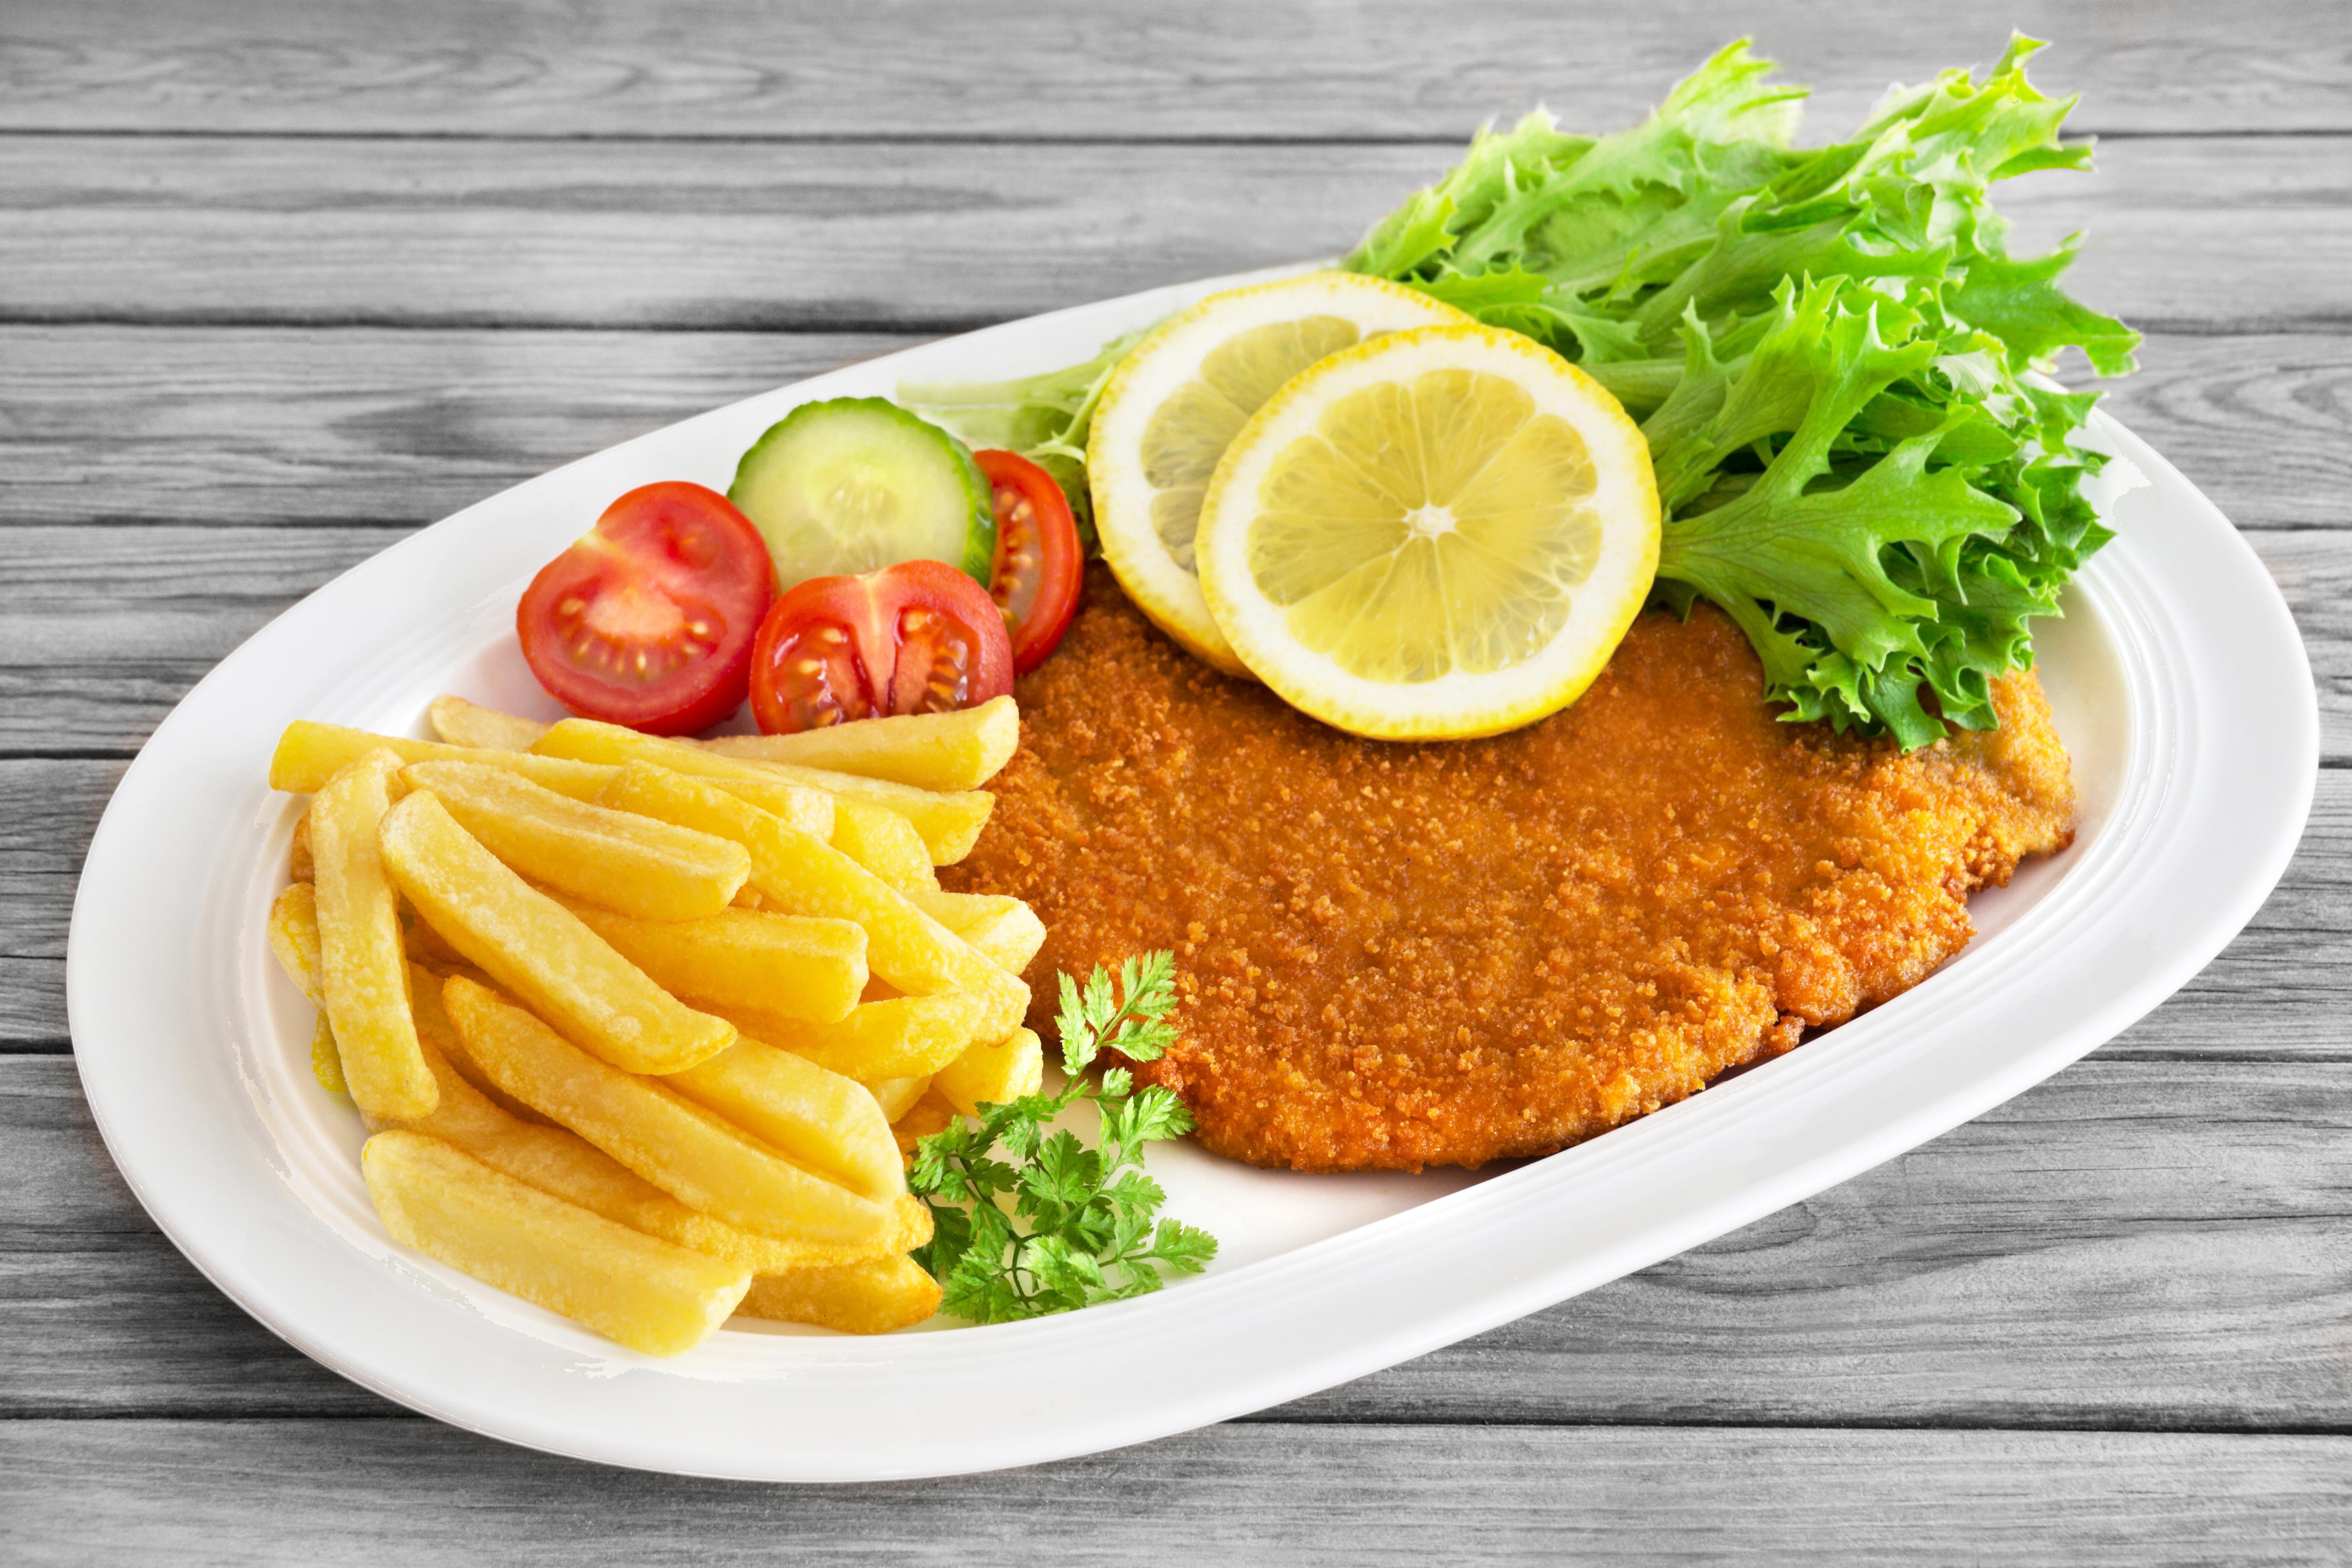 Bilder von Fritten Zitrone Fast food Teller Gemüse Lebensmittel Lebensmittel Fleischwaren 5184x3456 Pommes frites das Essen